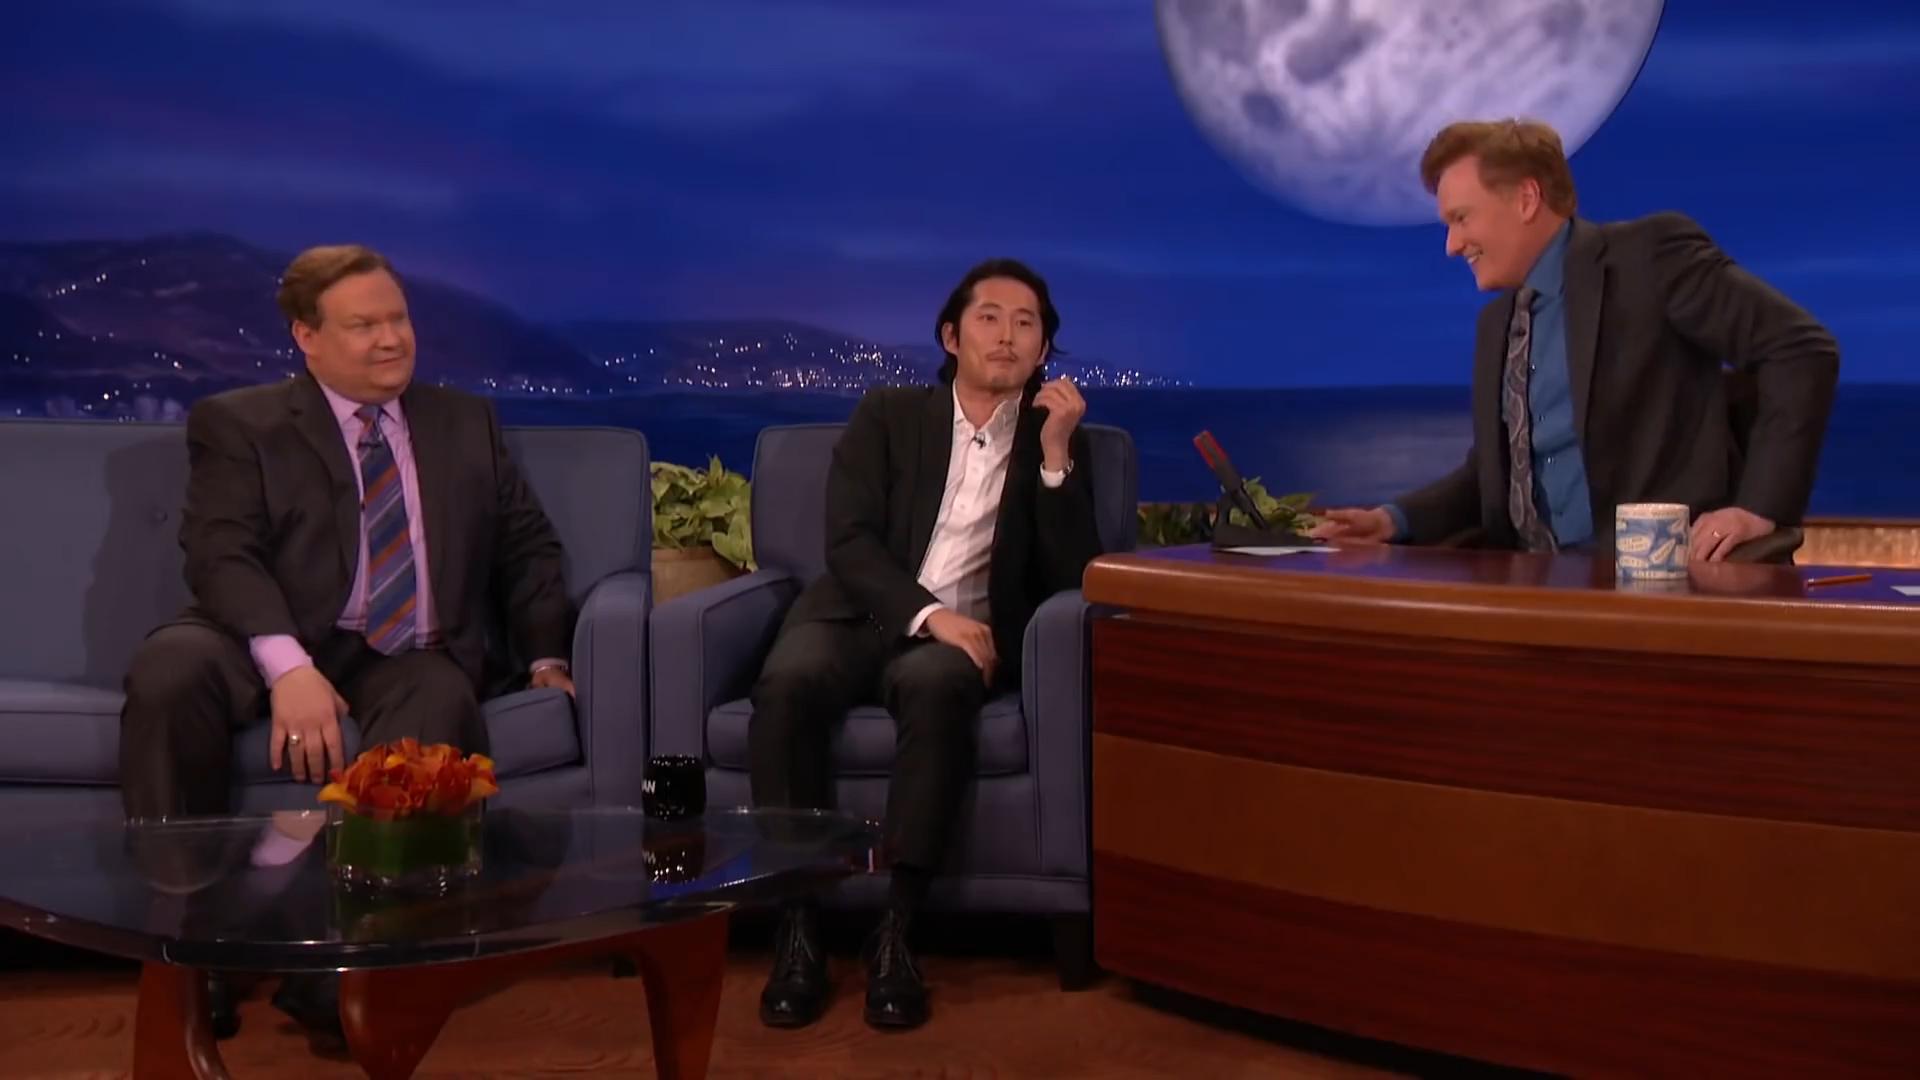 Steven Yeun: Not All Asians Look Alike! - Conan Show